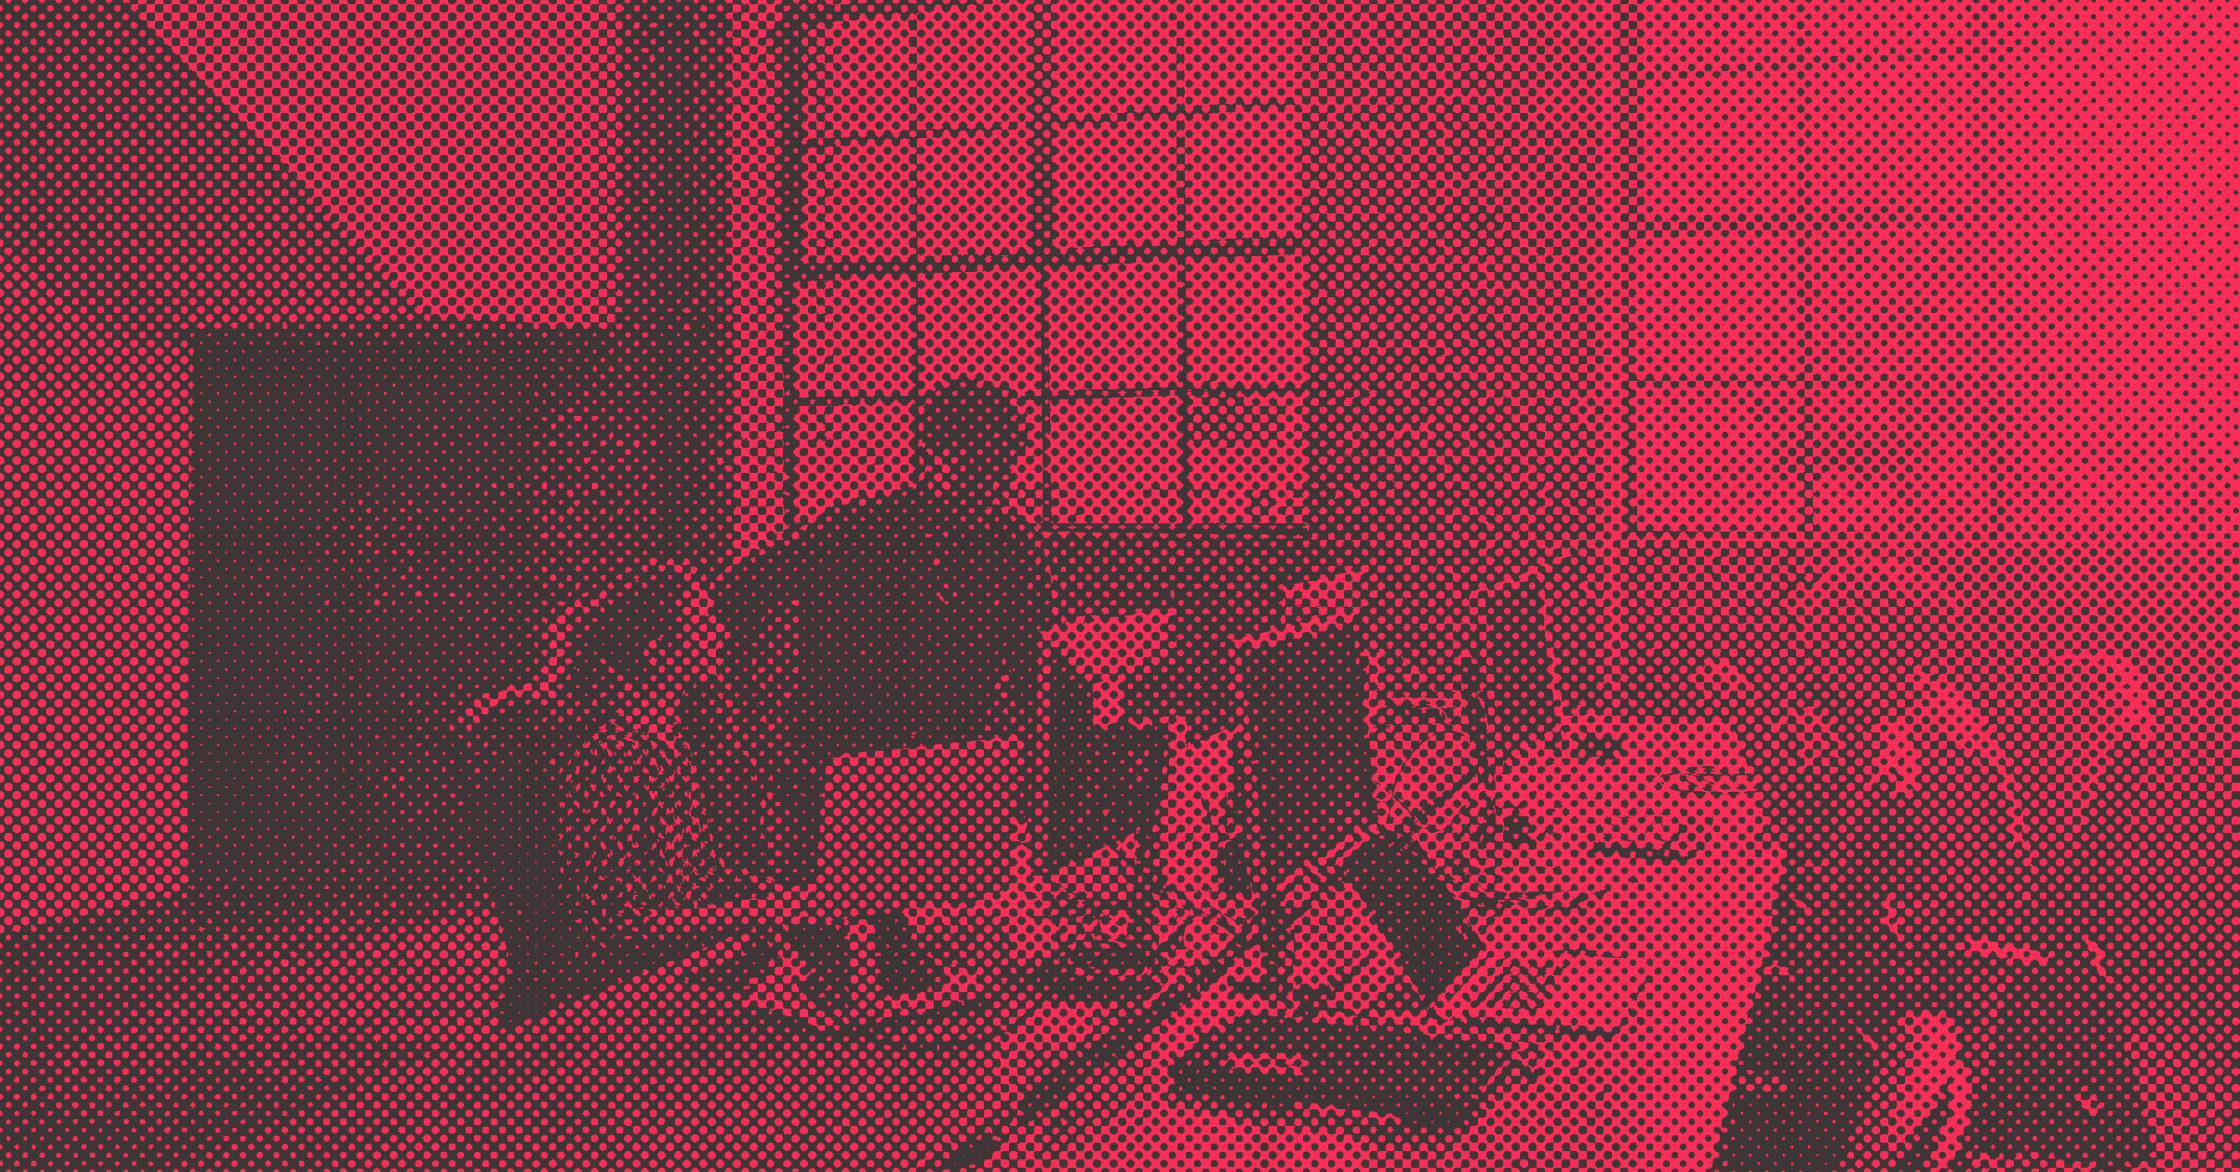 Startup Branding Agency